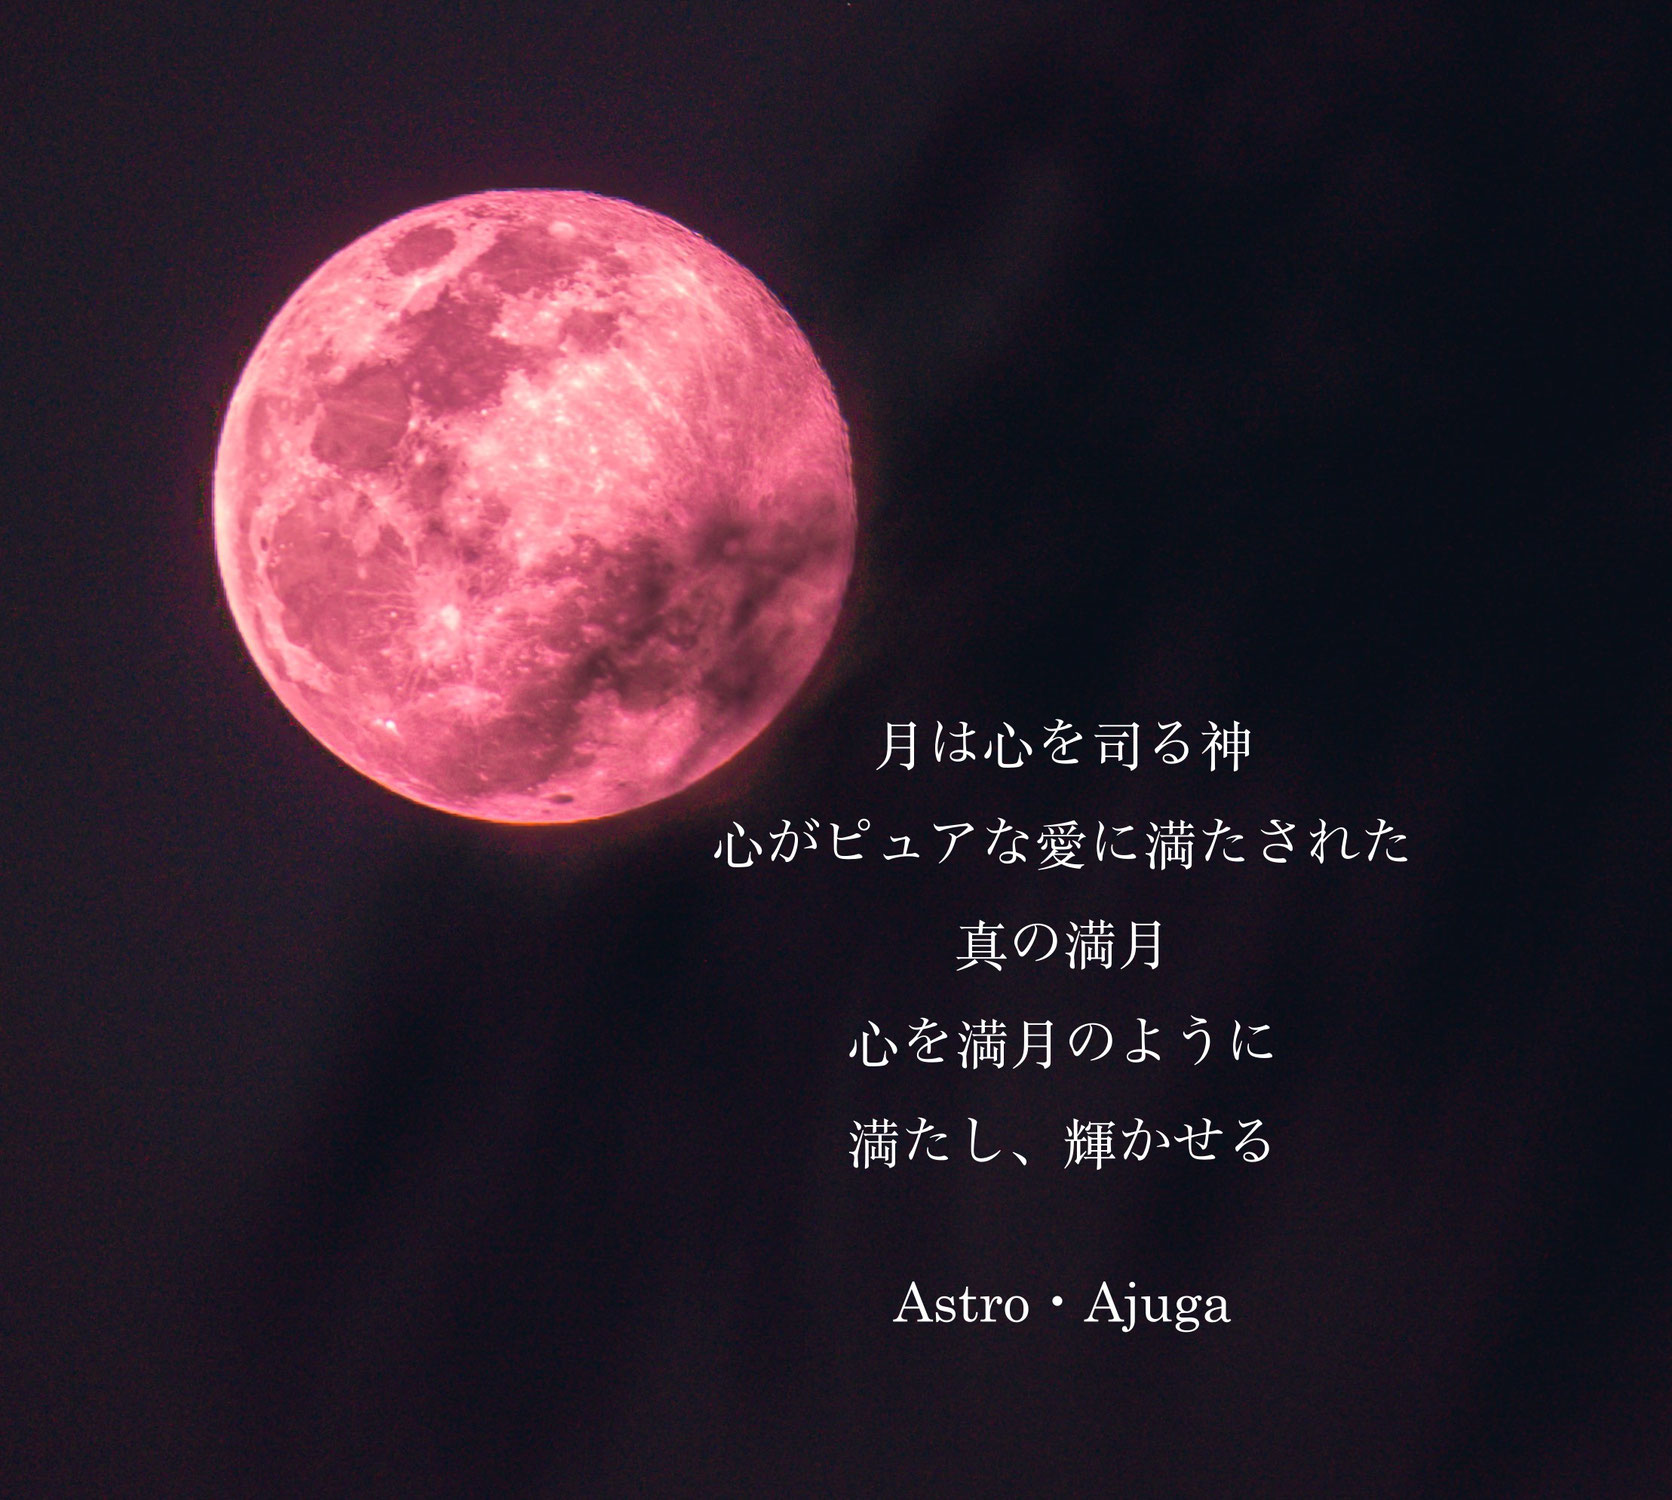 『蠍座満月』4月27日「アジュガの星のコトバ」